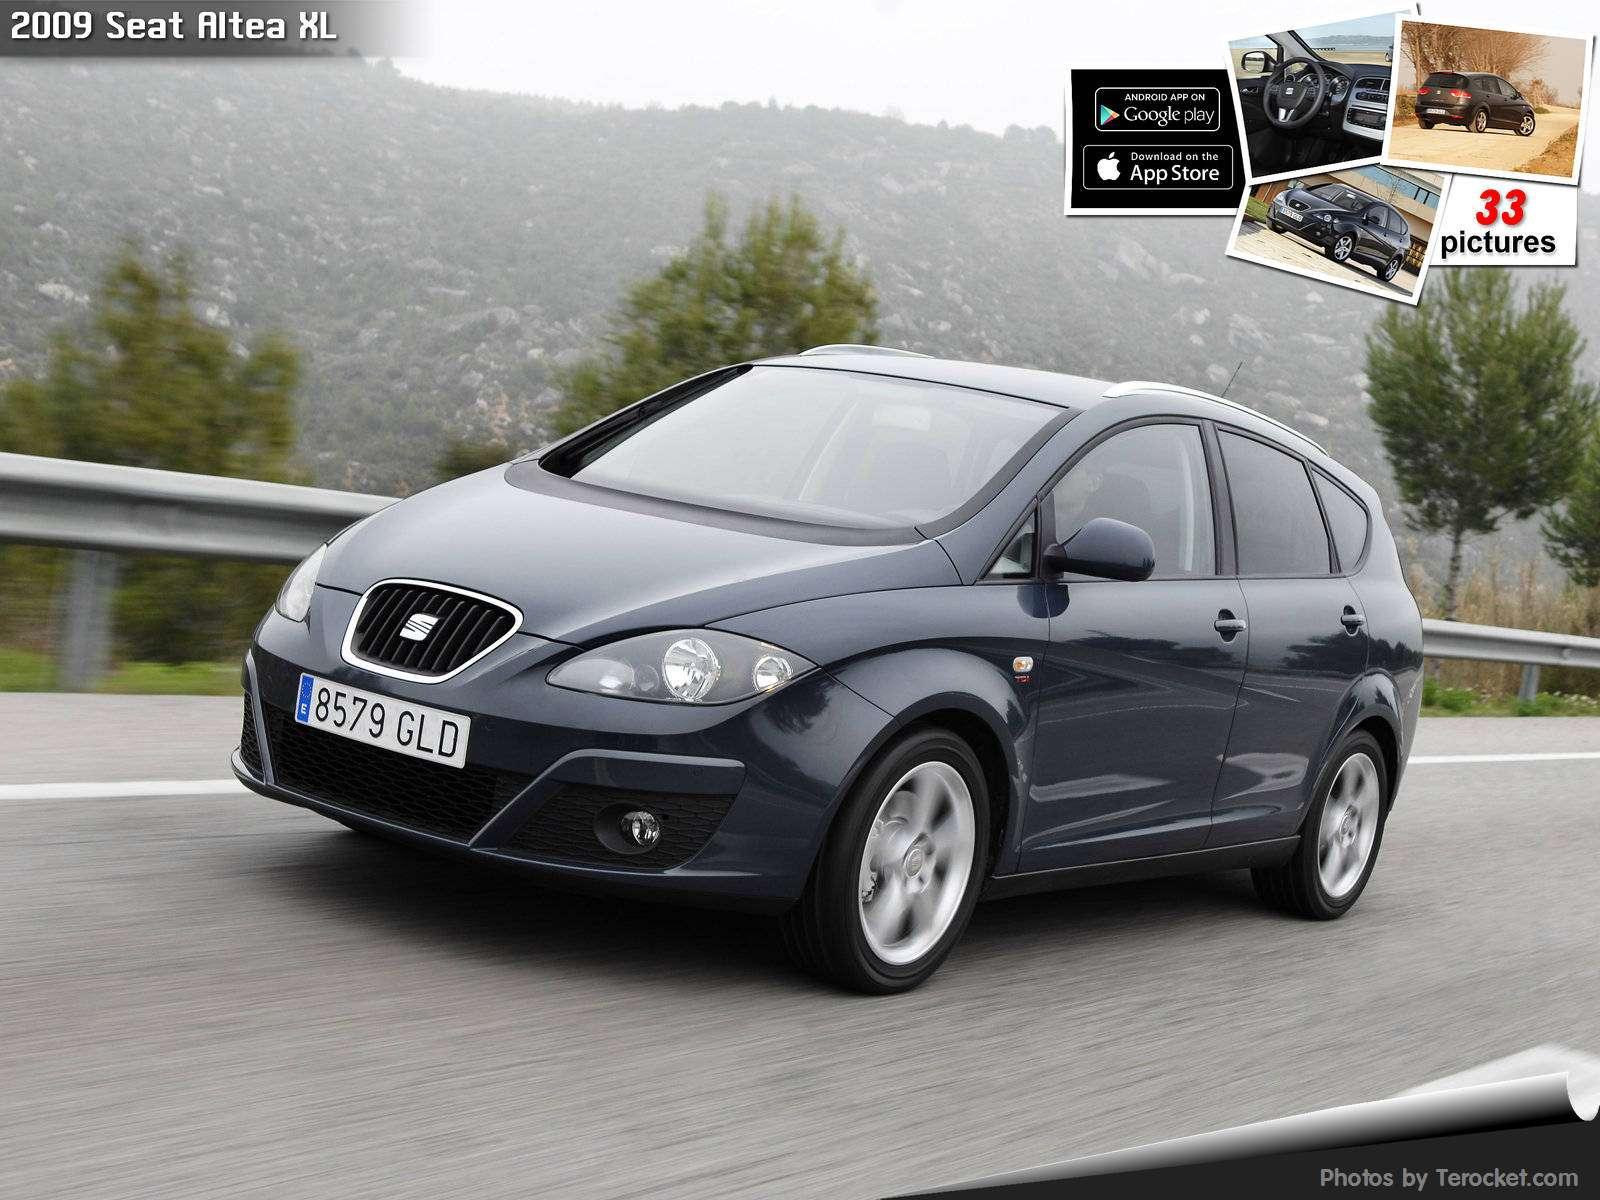 Hình ảnh xe ô tô Seat Altea XL 2009 & nội ngoại thất